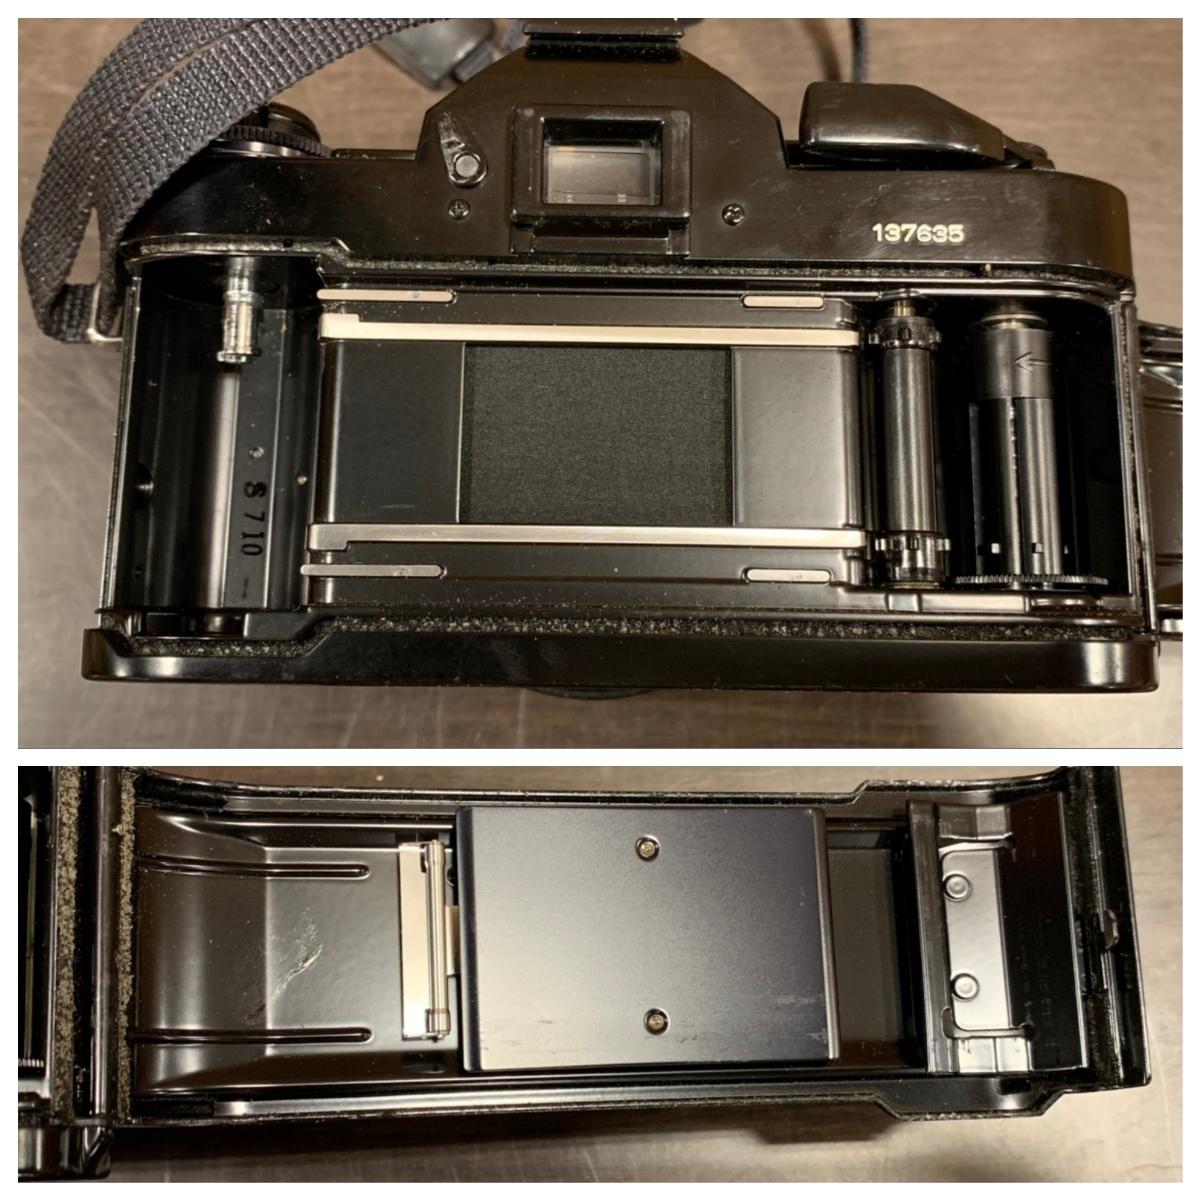 △Canon キャノン A-1 カメラ+FD 50mm 1:1.4+Tokina 80-200mm 1:4 レンズ(KS3-225)_画像7